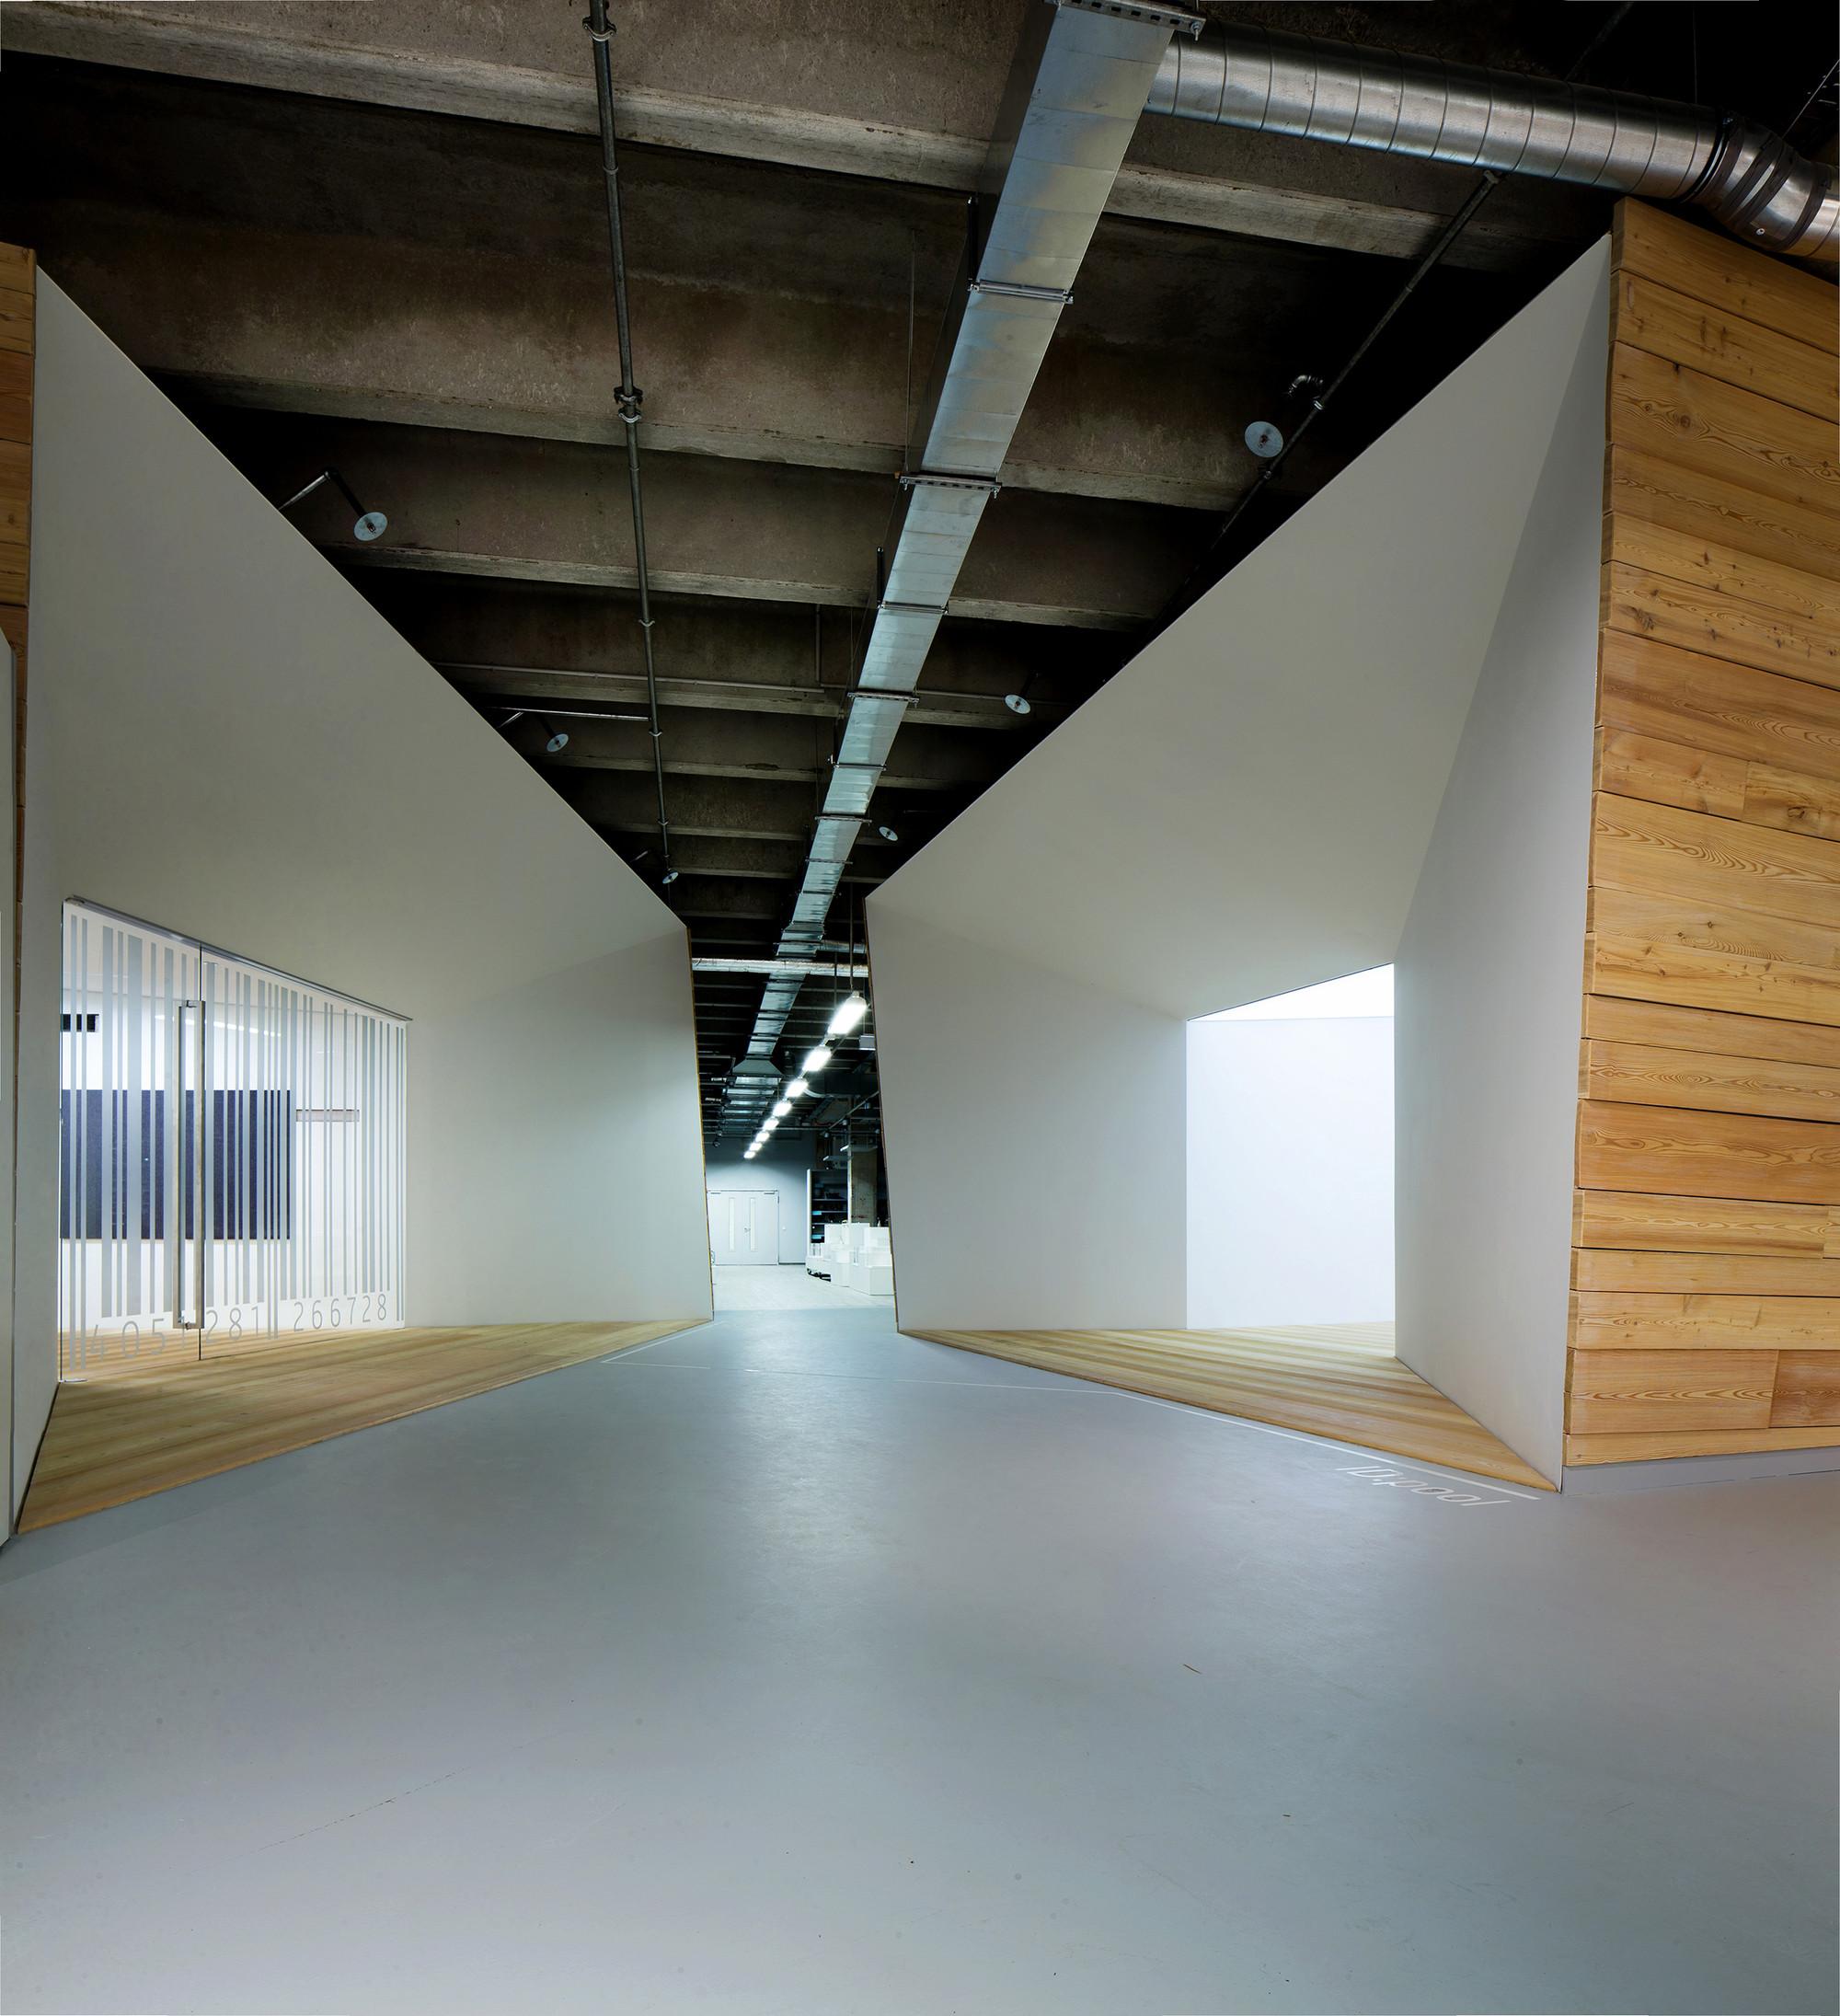 Schöne Räume gallery of kreativlabs schöne räume architektur innenarchitektur 4